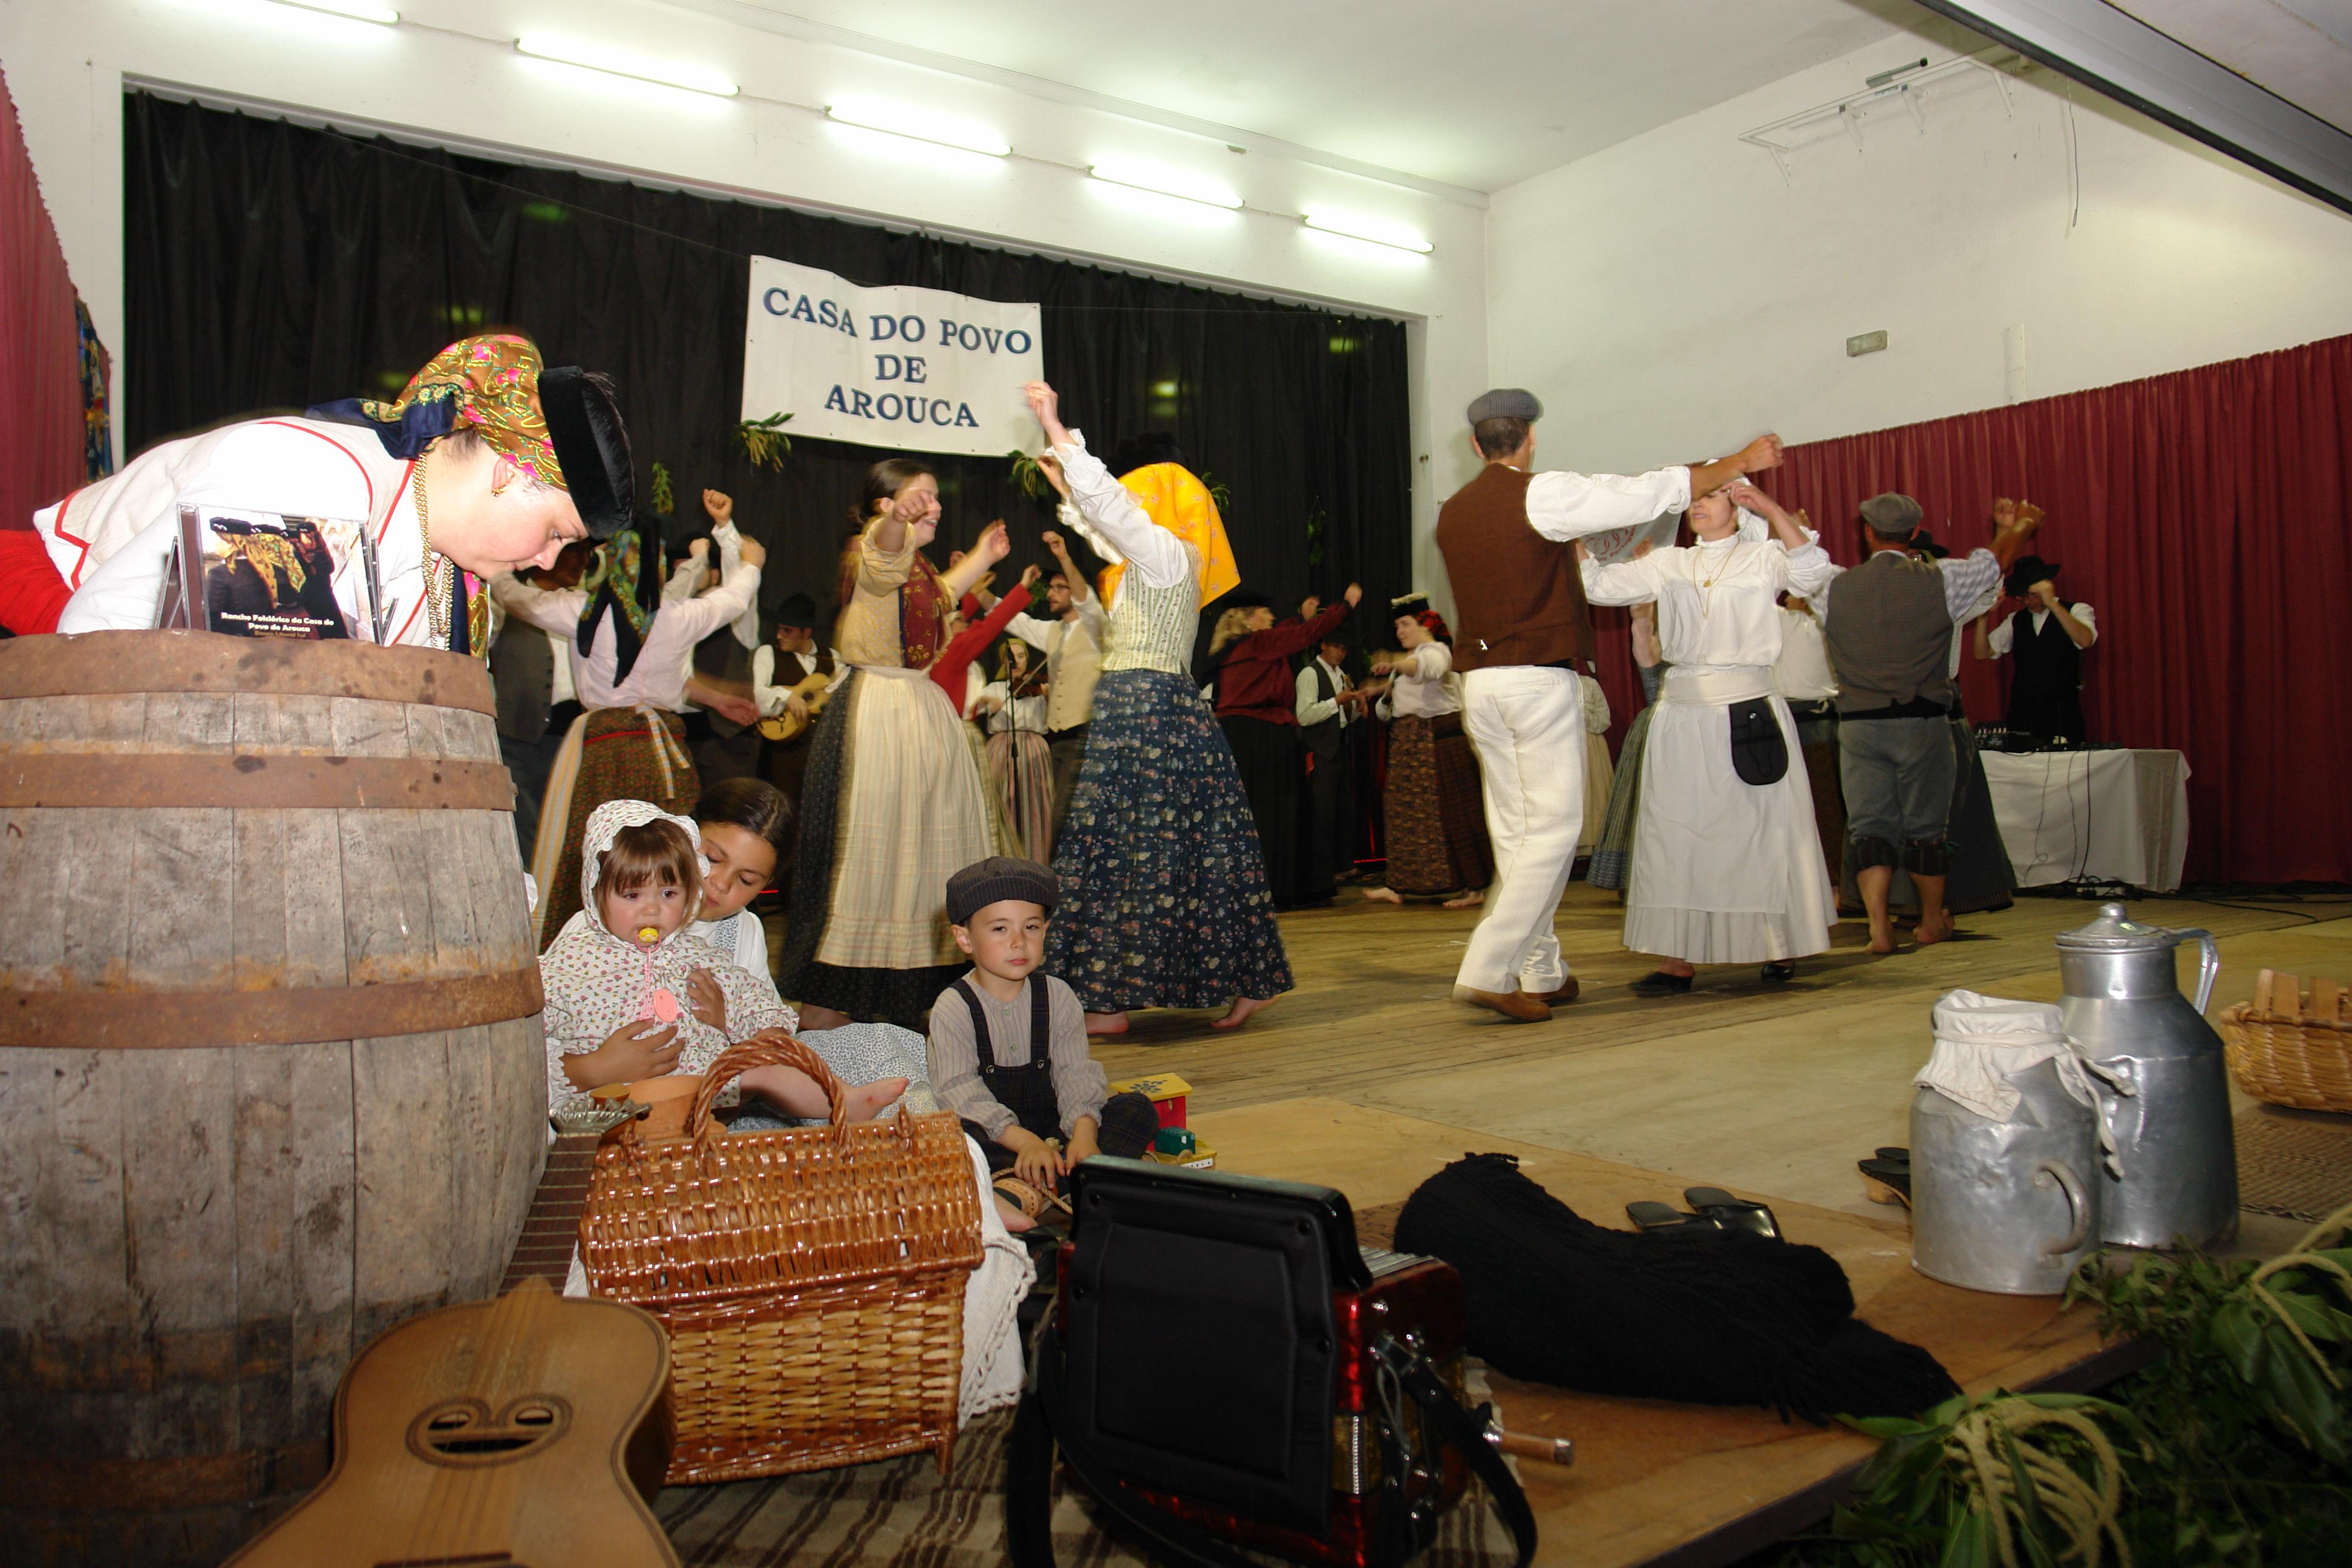 Casa do Povo de Arouca acolheu Arraial de Folclore e Fim de Semana Cultural